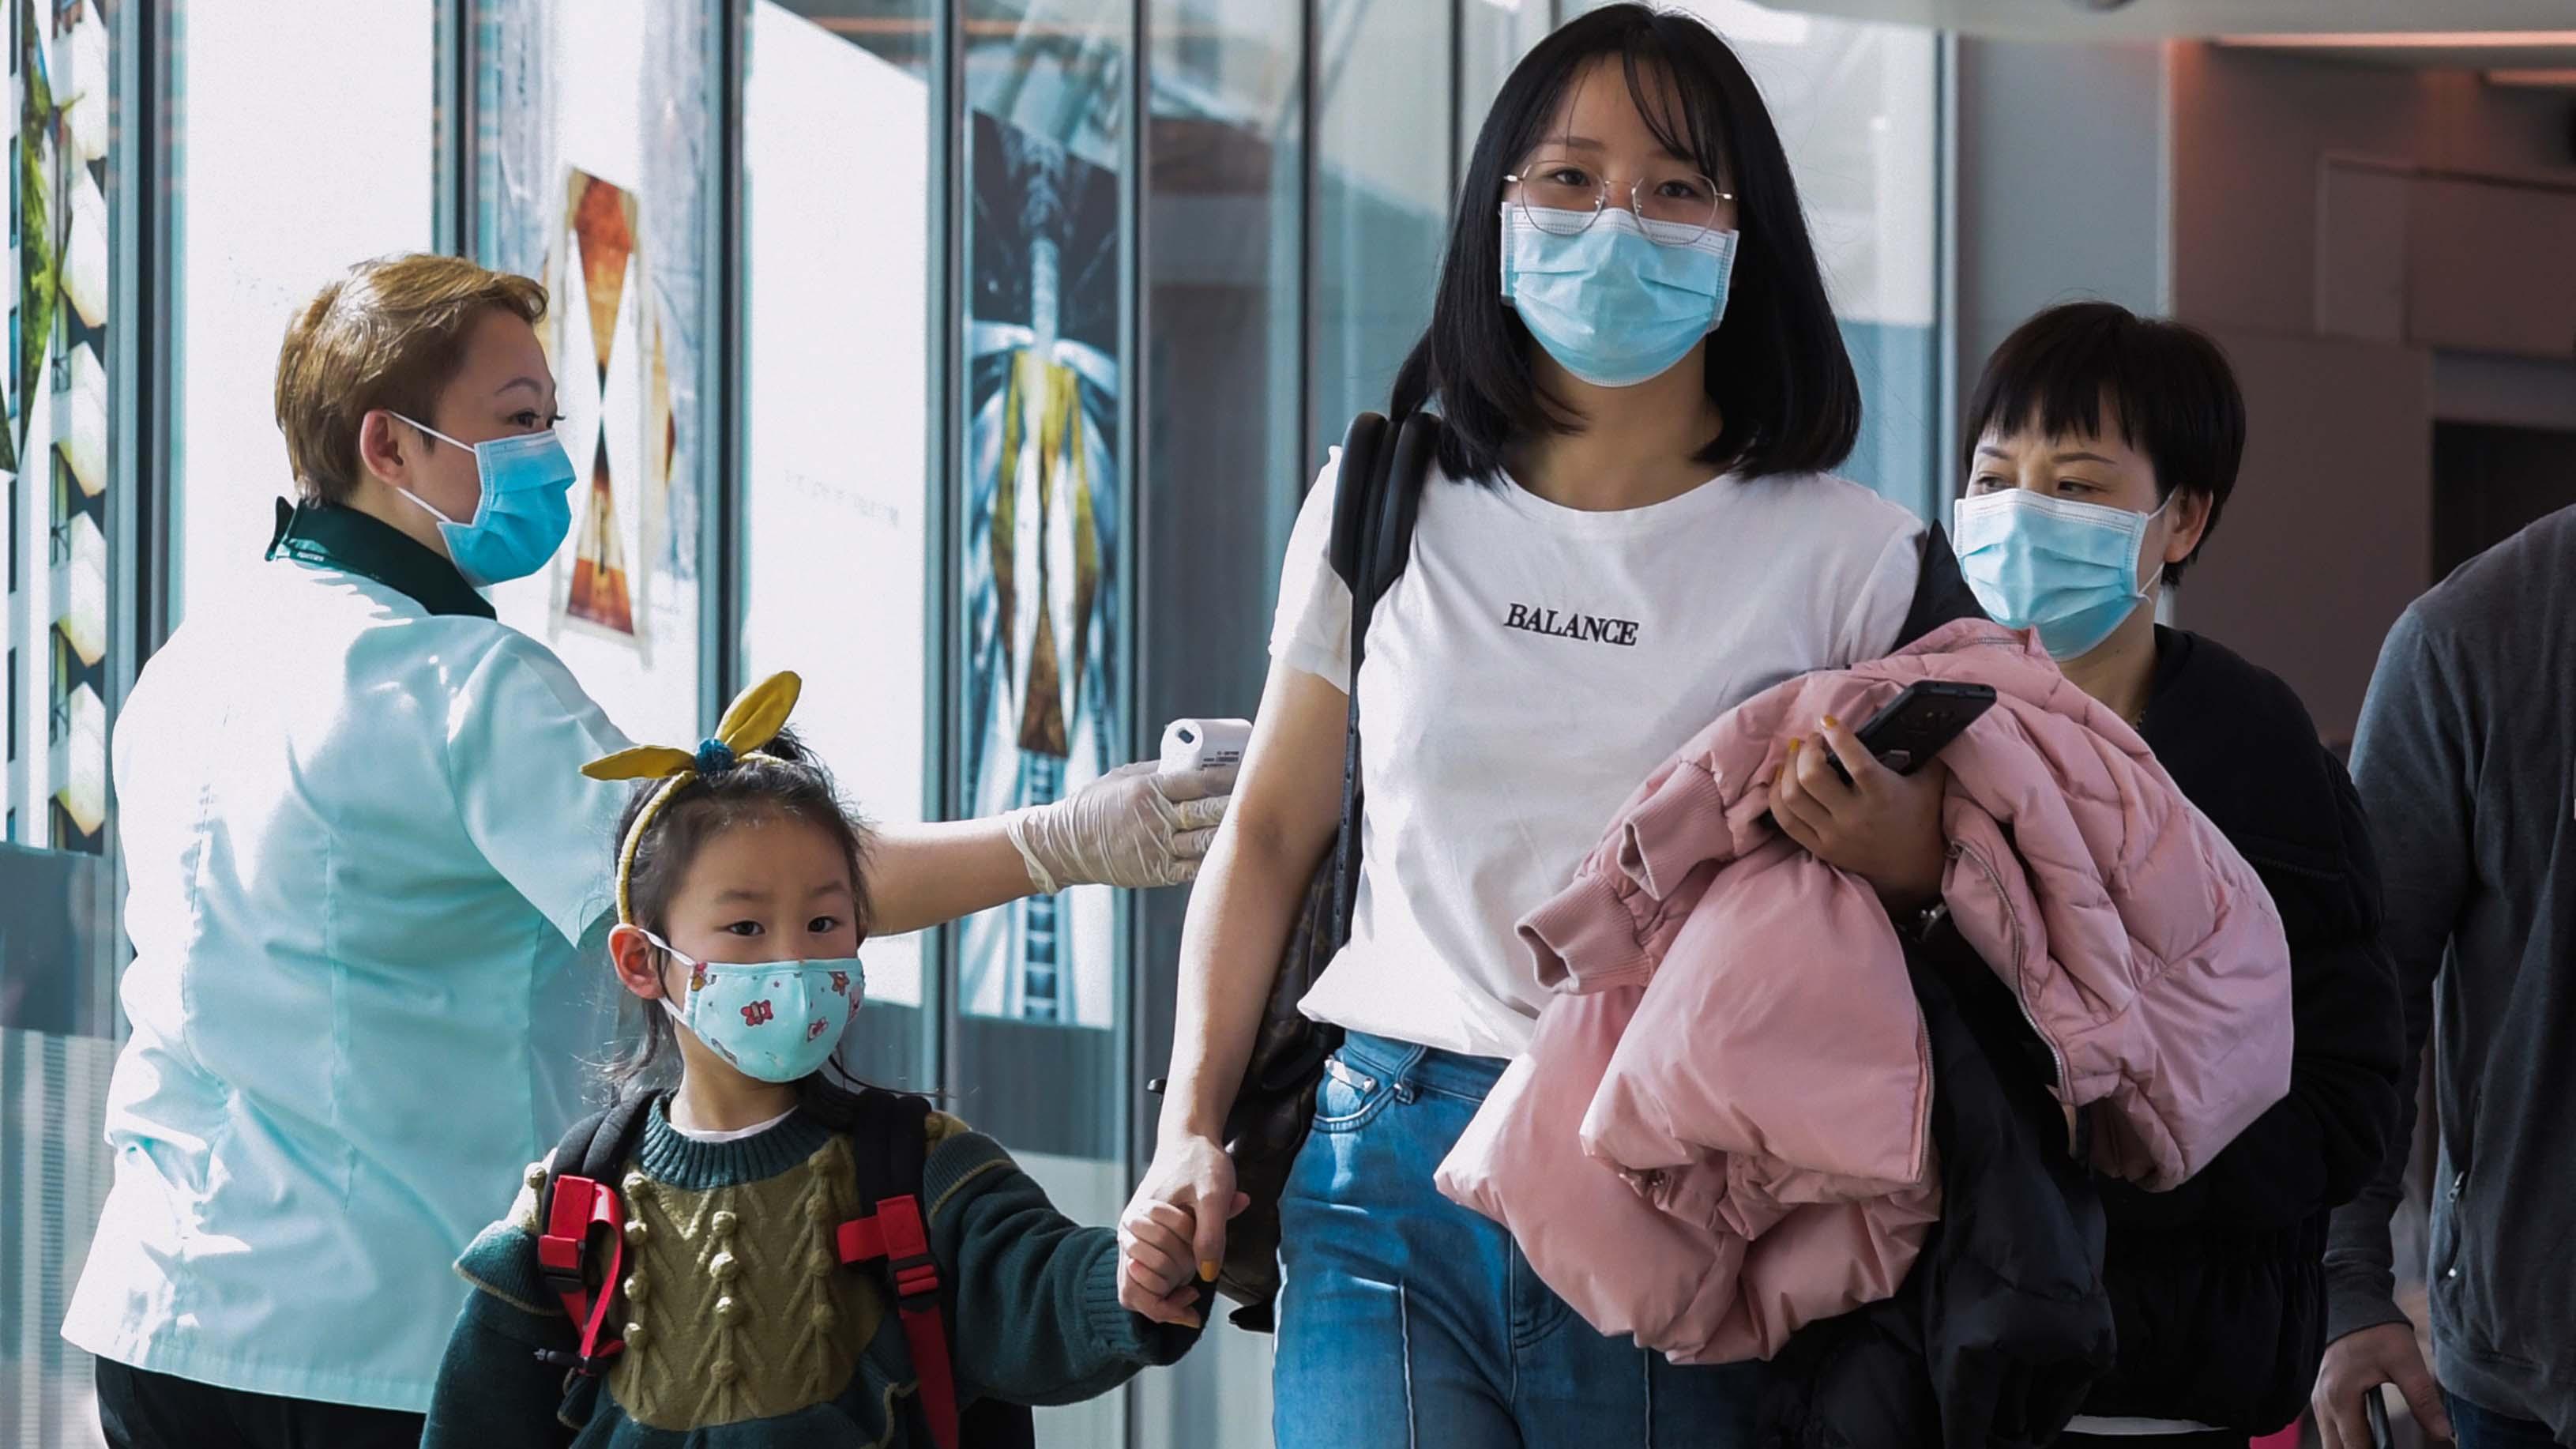 كوريا الجنوبية تدعو للاستمرار فى التباعد الاجتماعى للحد من انتشار كورونا